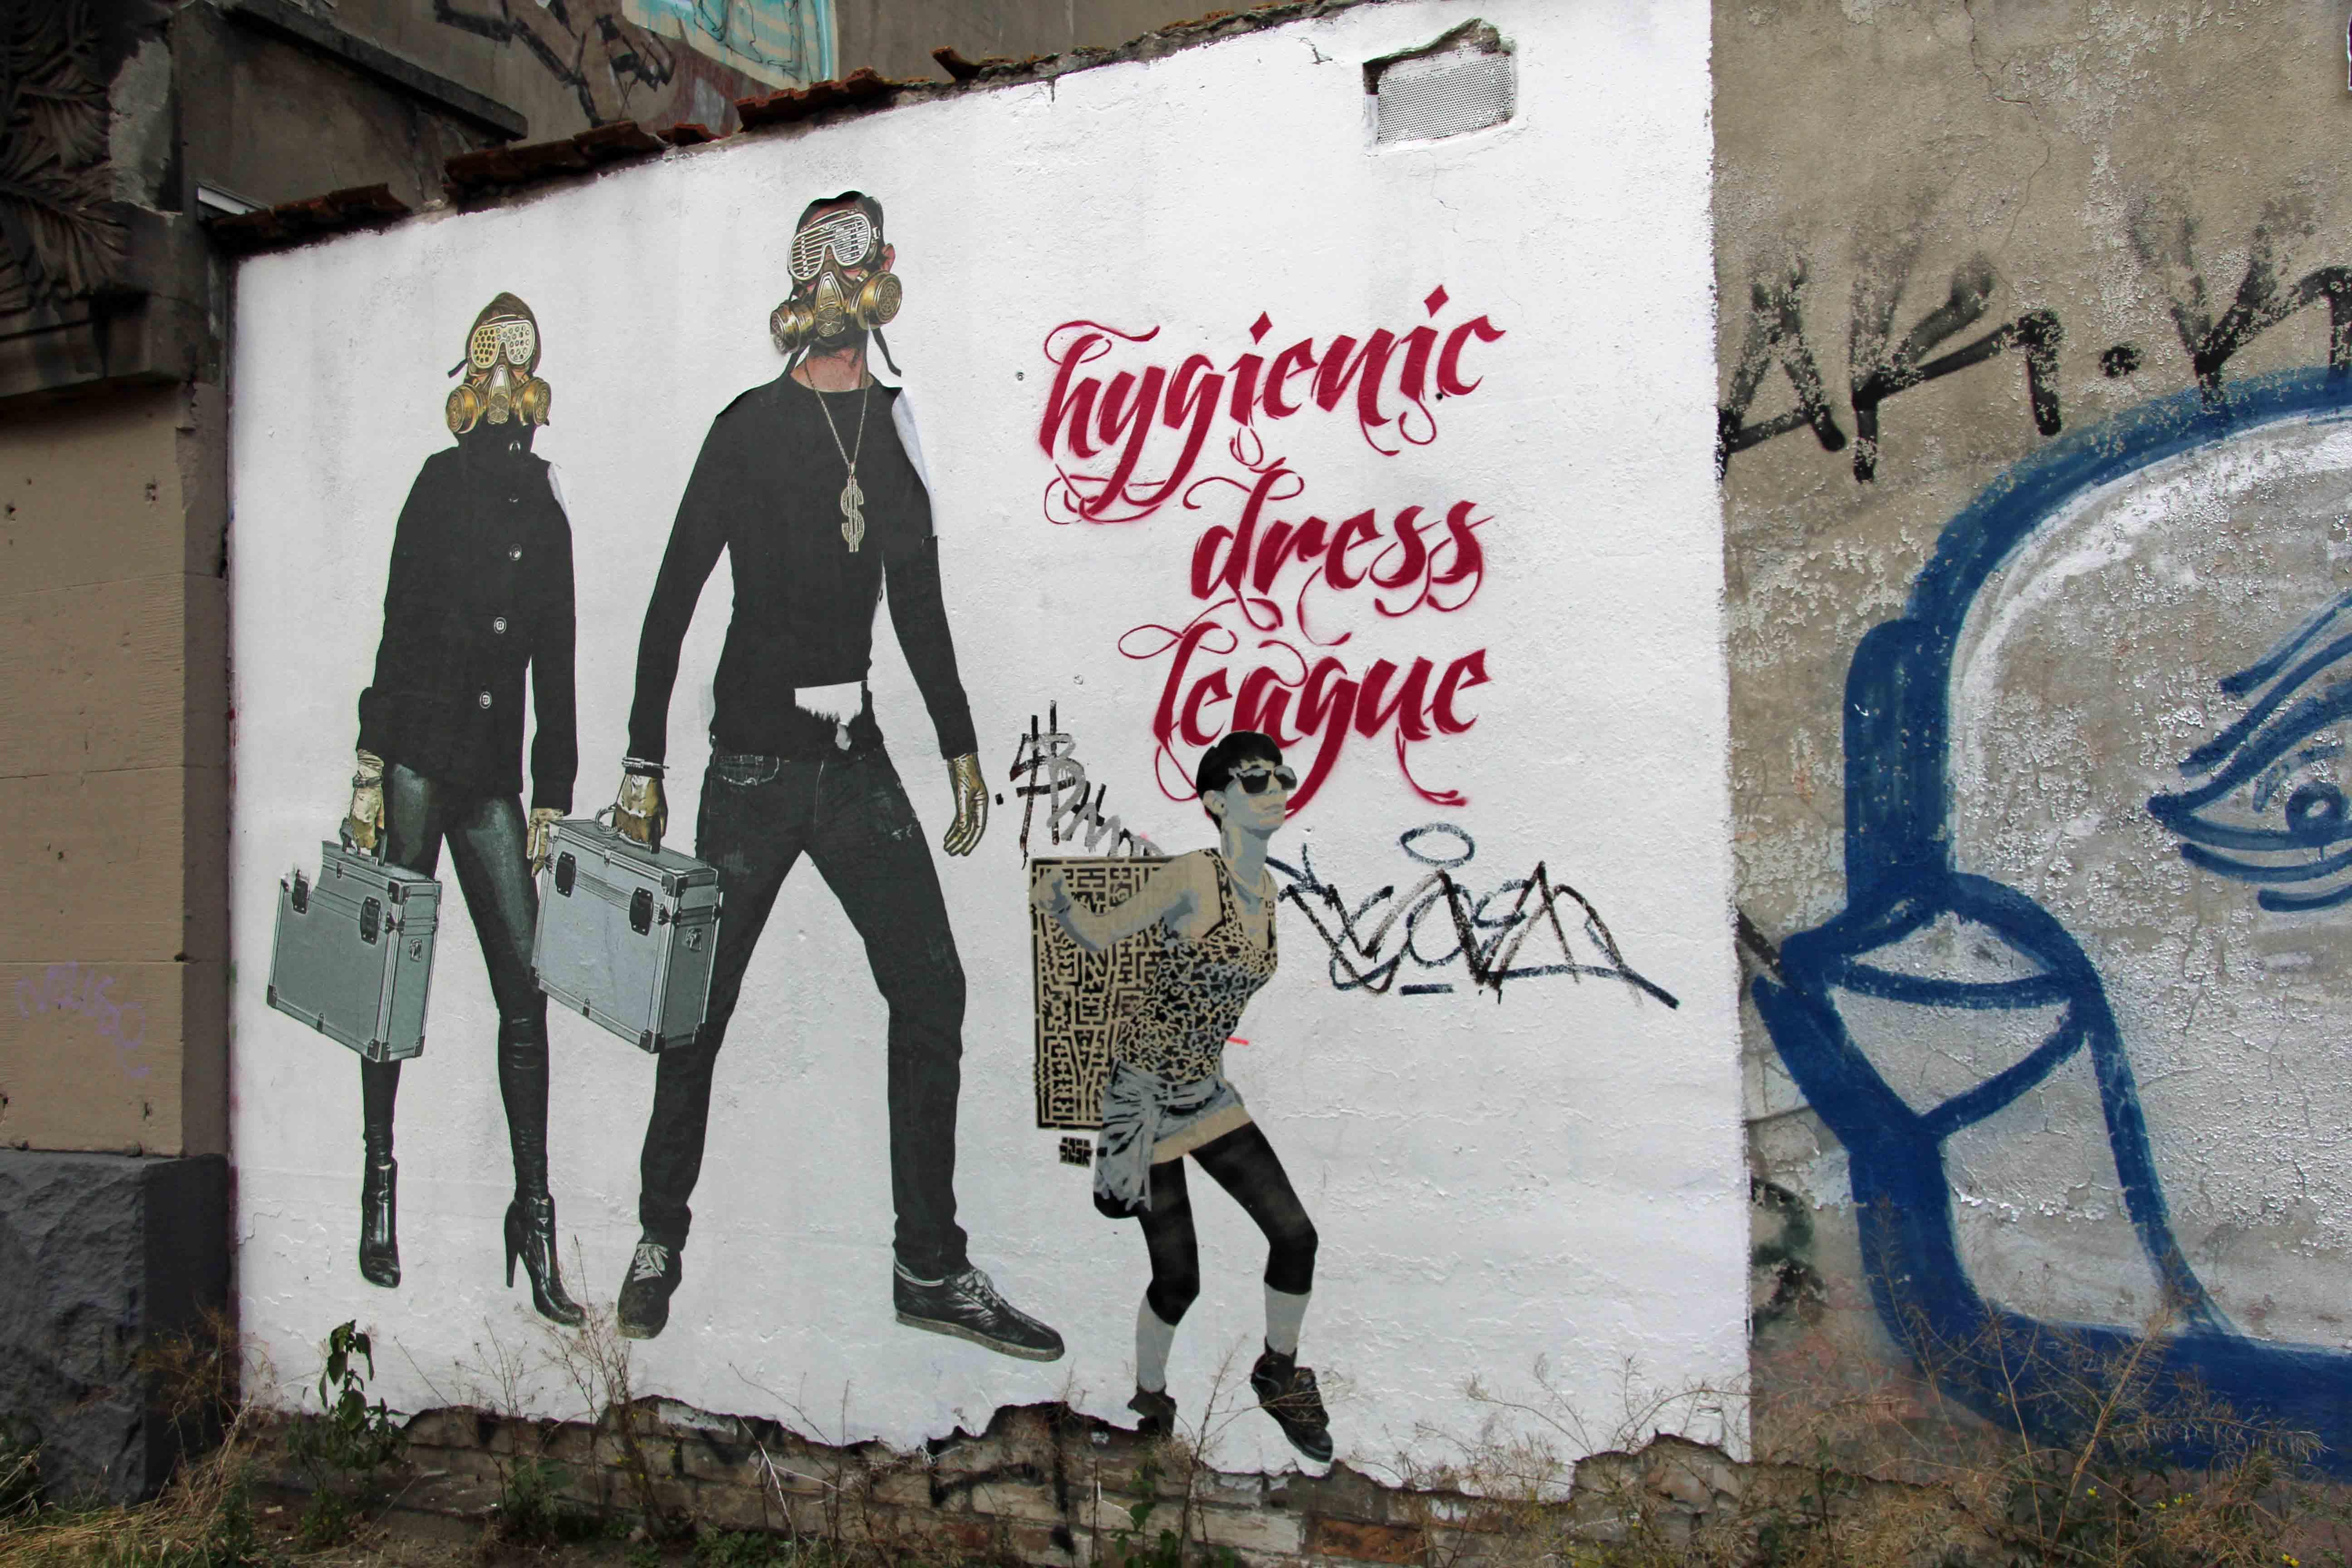 Street Art by Hygienic Dress League in Berlin